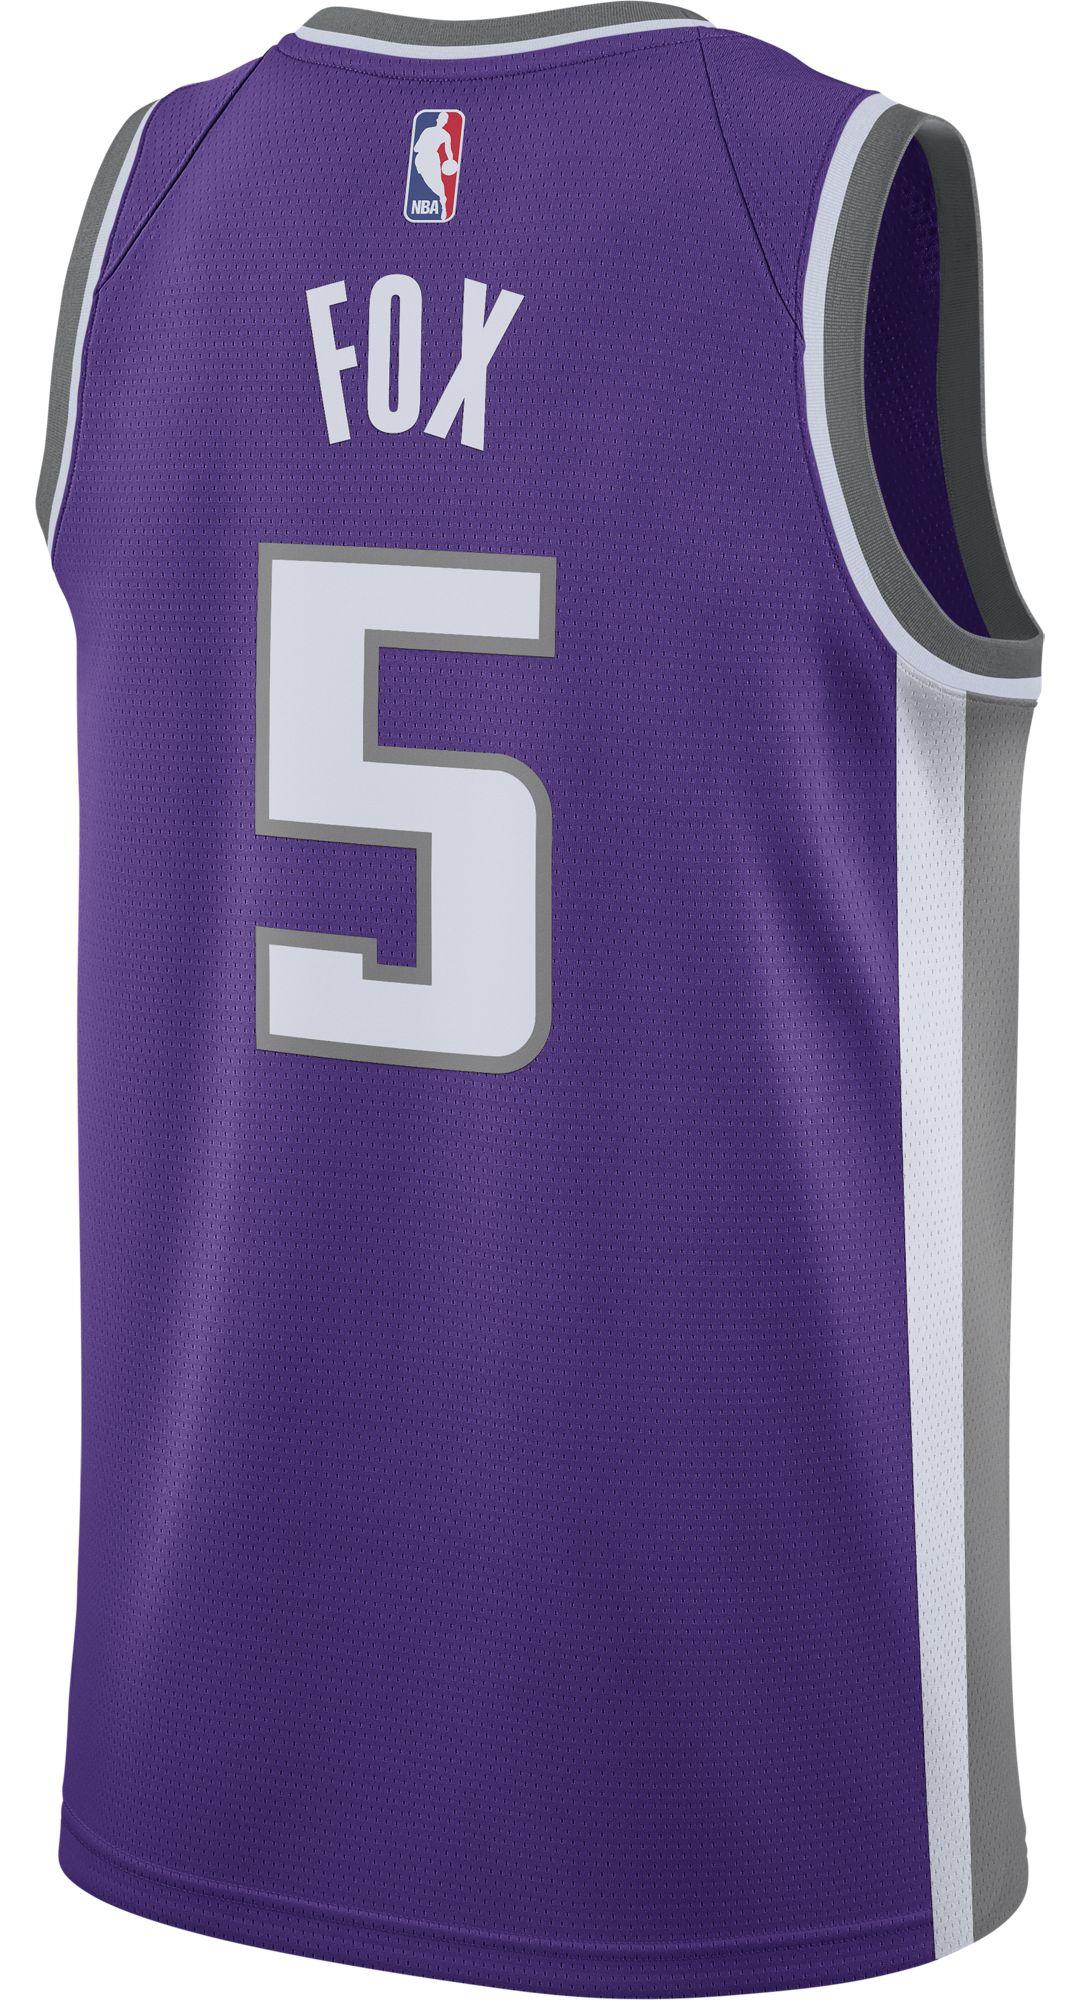 7a4378d7fa4 Nike Men's Sacramento Kings De'Aaron Fox #5 Purple Dri-FIT Swingman Jersey